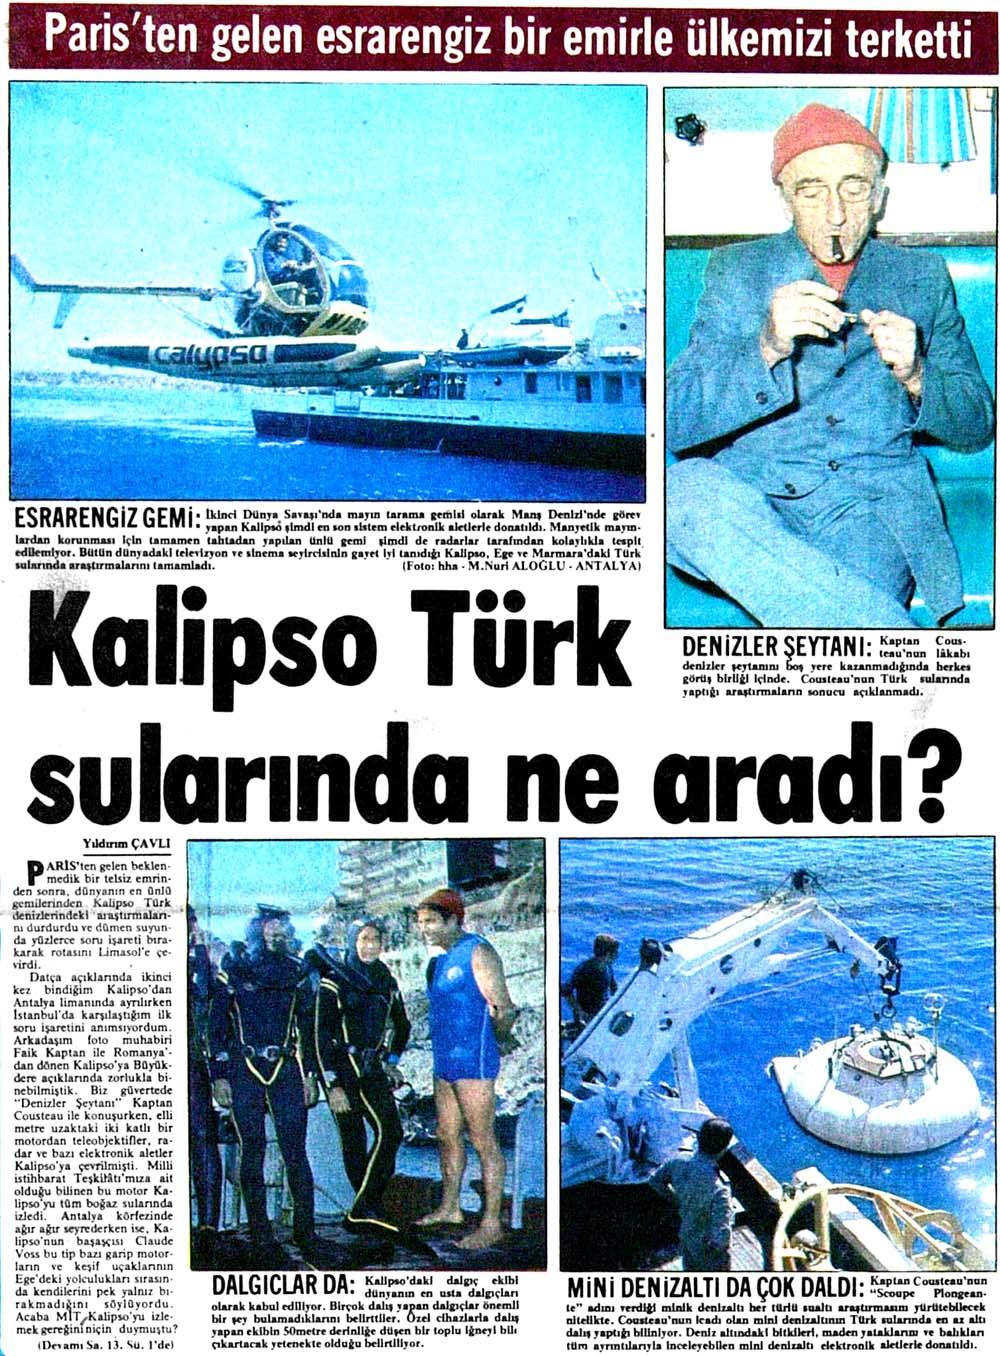 Kalipso Türk sularında ne aradı?